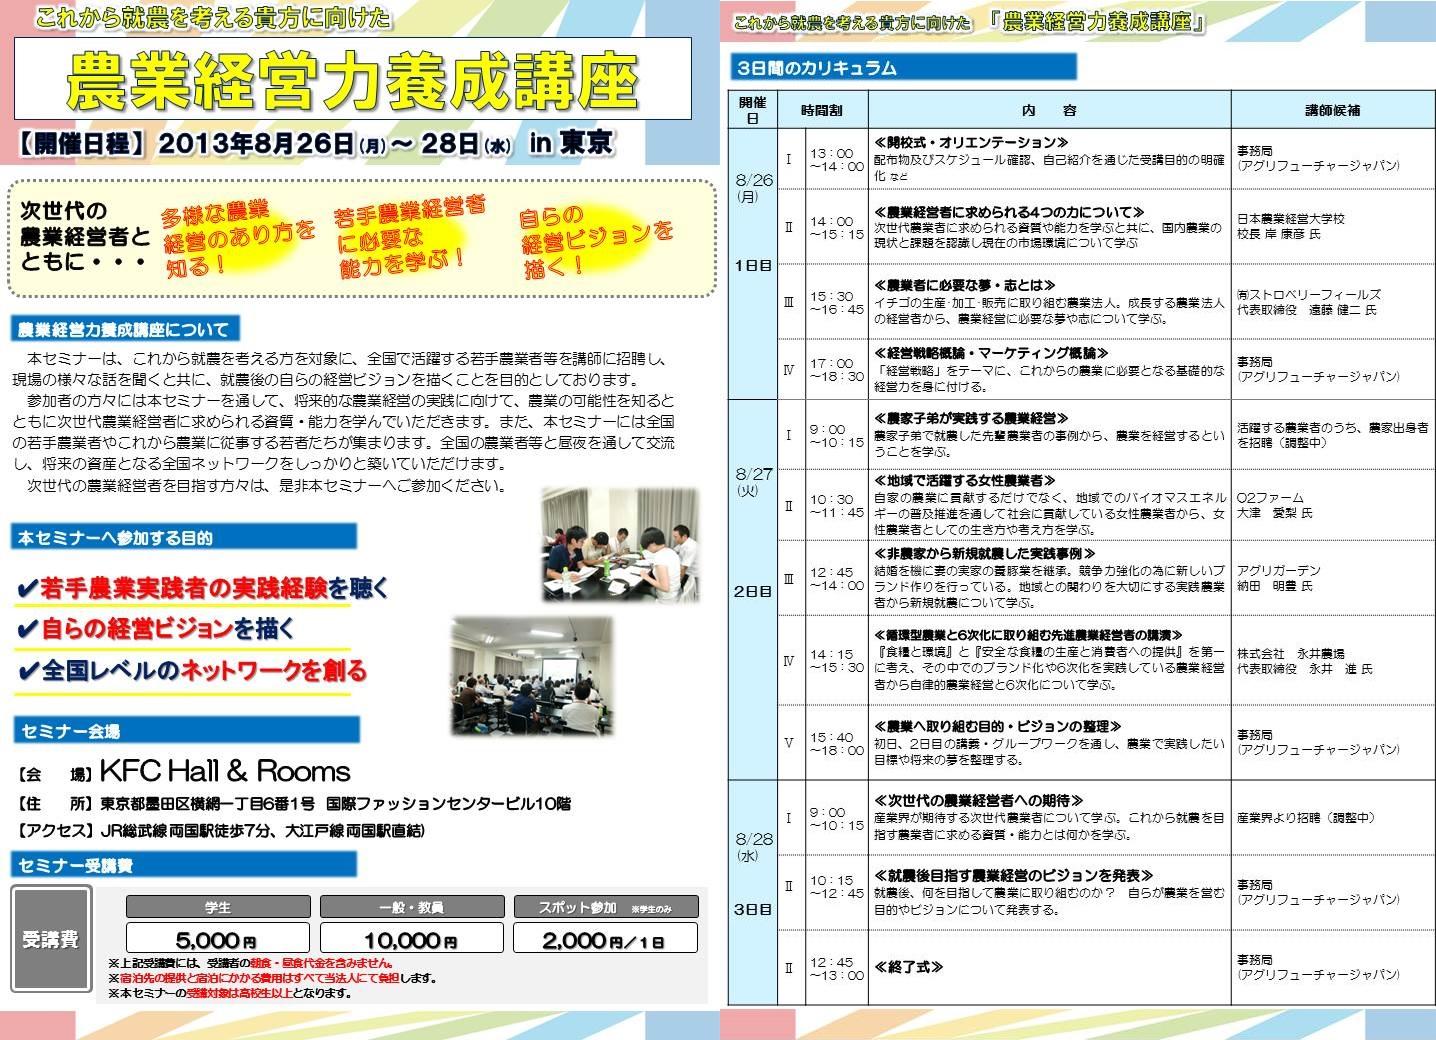 2013農業経営力養成講座(夏)3日間コース プログラム